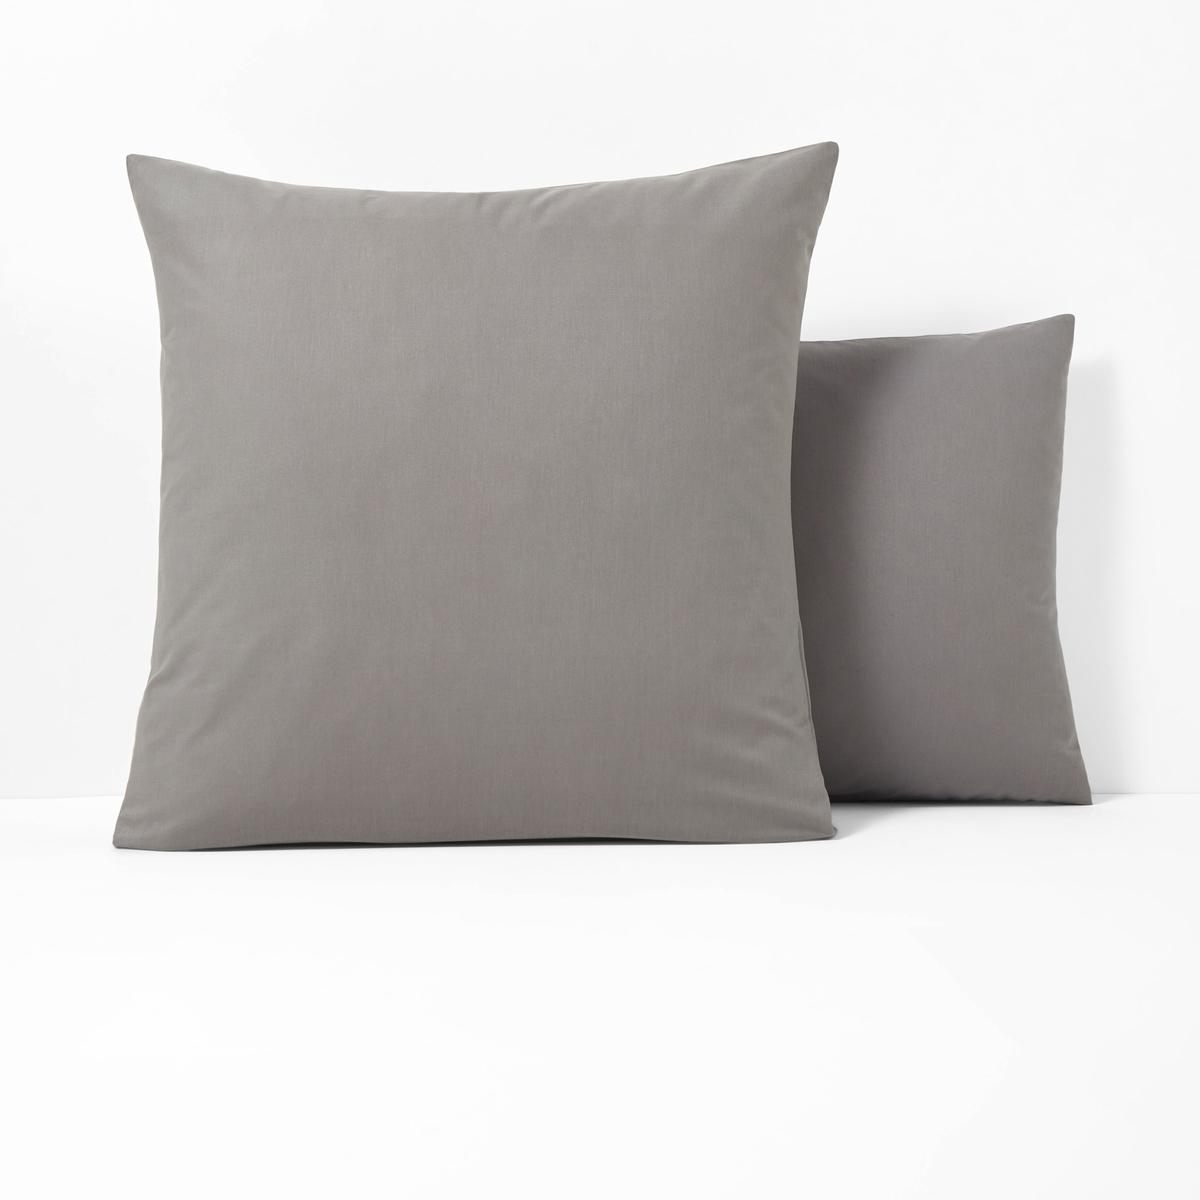 Наволочки из поликотонаКвадратная и прямоугольная наволочки из ткани 50% хлопка, 50% полиэстера плотного переплетения (57 нитей/см?) : длительный комфорт, отличная прочность. Чем больше плотность переплетения нитей/см?, тем качественнее материал.Характеристики наволочек из поликоттона без волана:- Наволочки (квадратная или прямоугольная) имеют широкий клапан для надёжного удерживания подушки.- В форме чехла, без воланов .- Отличная стойкость цветов к стиркам (60 °C), быстрая сушка, глажка не требуется.                                                                                                                                                                       Преимущества   : великолепная гамма очень современных оттенков для сочетания по желанию с простынями и пододеяльниками SCENARIO и рисунками коллекции. Знак Oeko-Tex® гарантирует, что товары протестированы и сертифицированы, не содержат вредных веществ, которые могли бы нанести вред здоровью.                                                                                                          Наволочка :50 x 70 см : прямоугольная наволочка63 x 63 см : квадратная наволочка                                                                                                                               Найдите другие предметы постельного белья SC?NARIO на нашем сайте<br><br>Цвет: антрацит,желтый лимонный,сине-зеленый